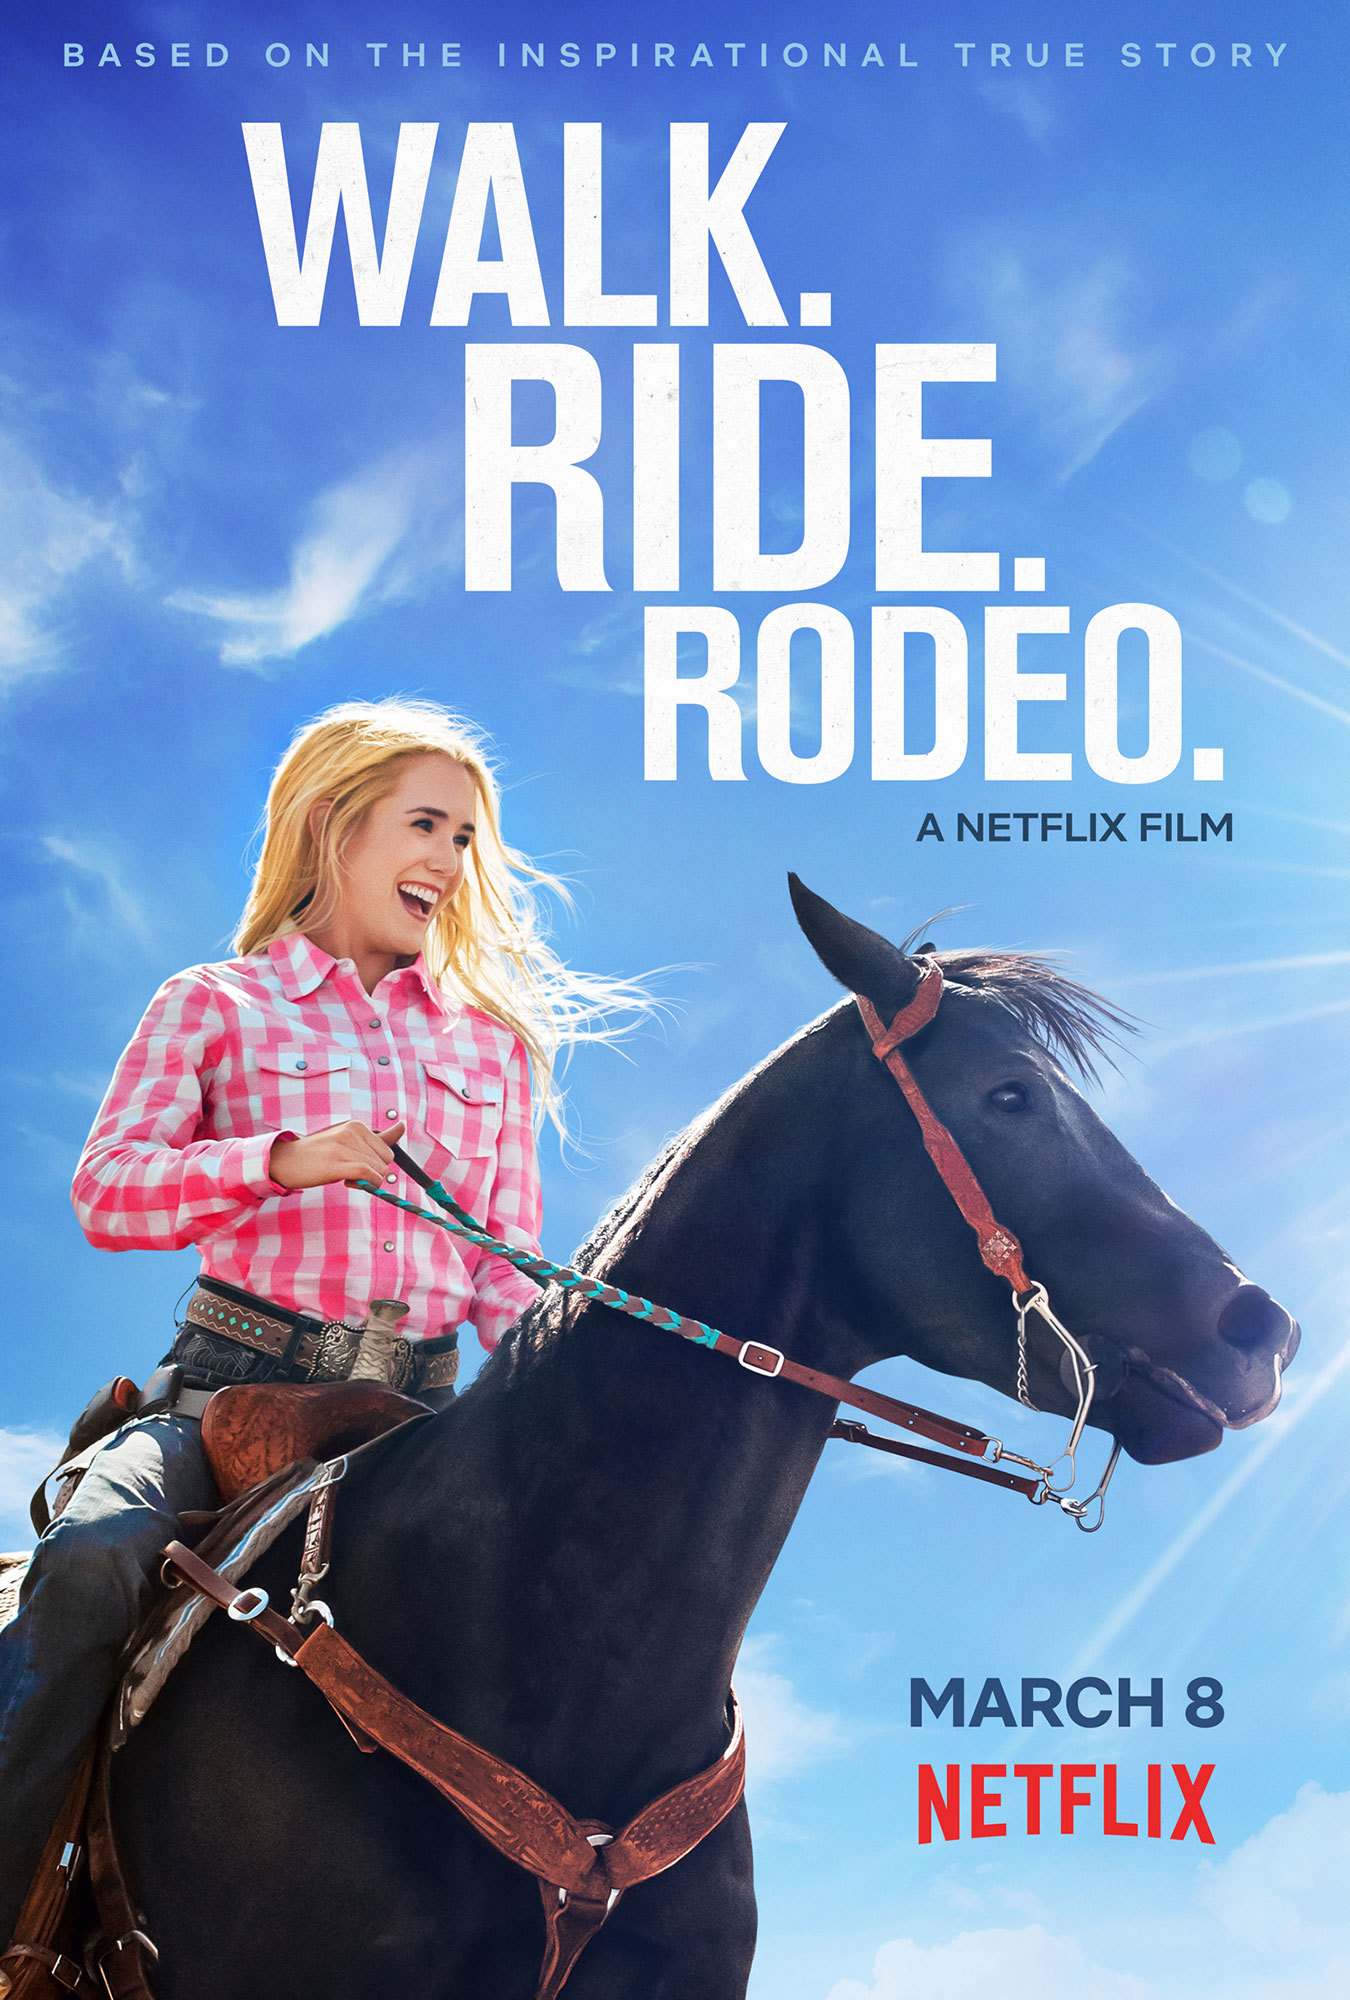 Ride (série Télévisée) : (série, télévisée), Nouveautés, Netflix, Inspirées, Faits, Réels, Voir!, Trouvailles, Sarah